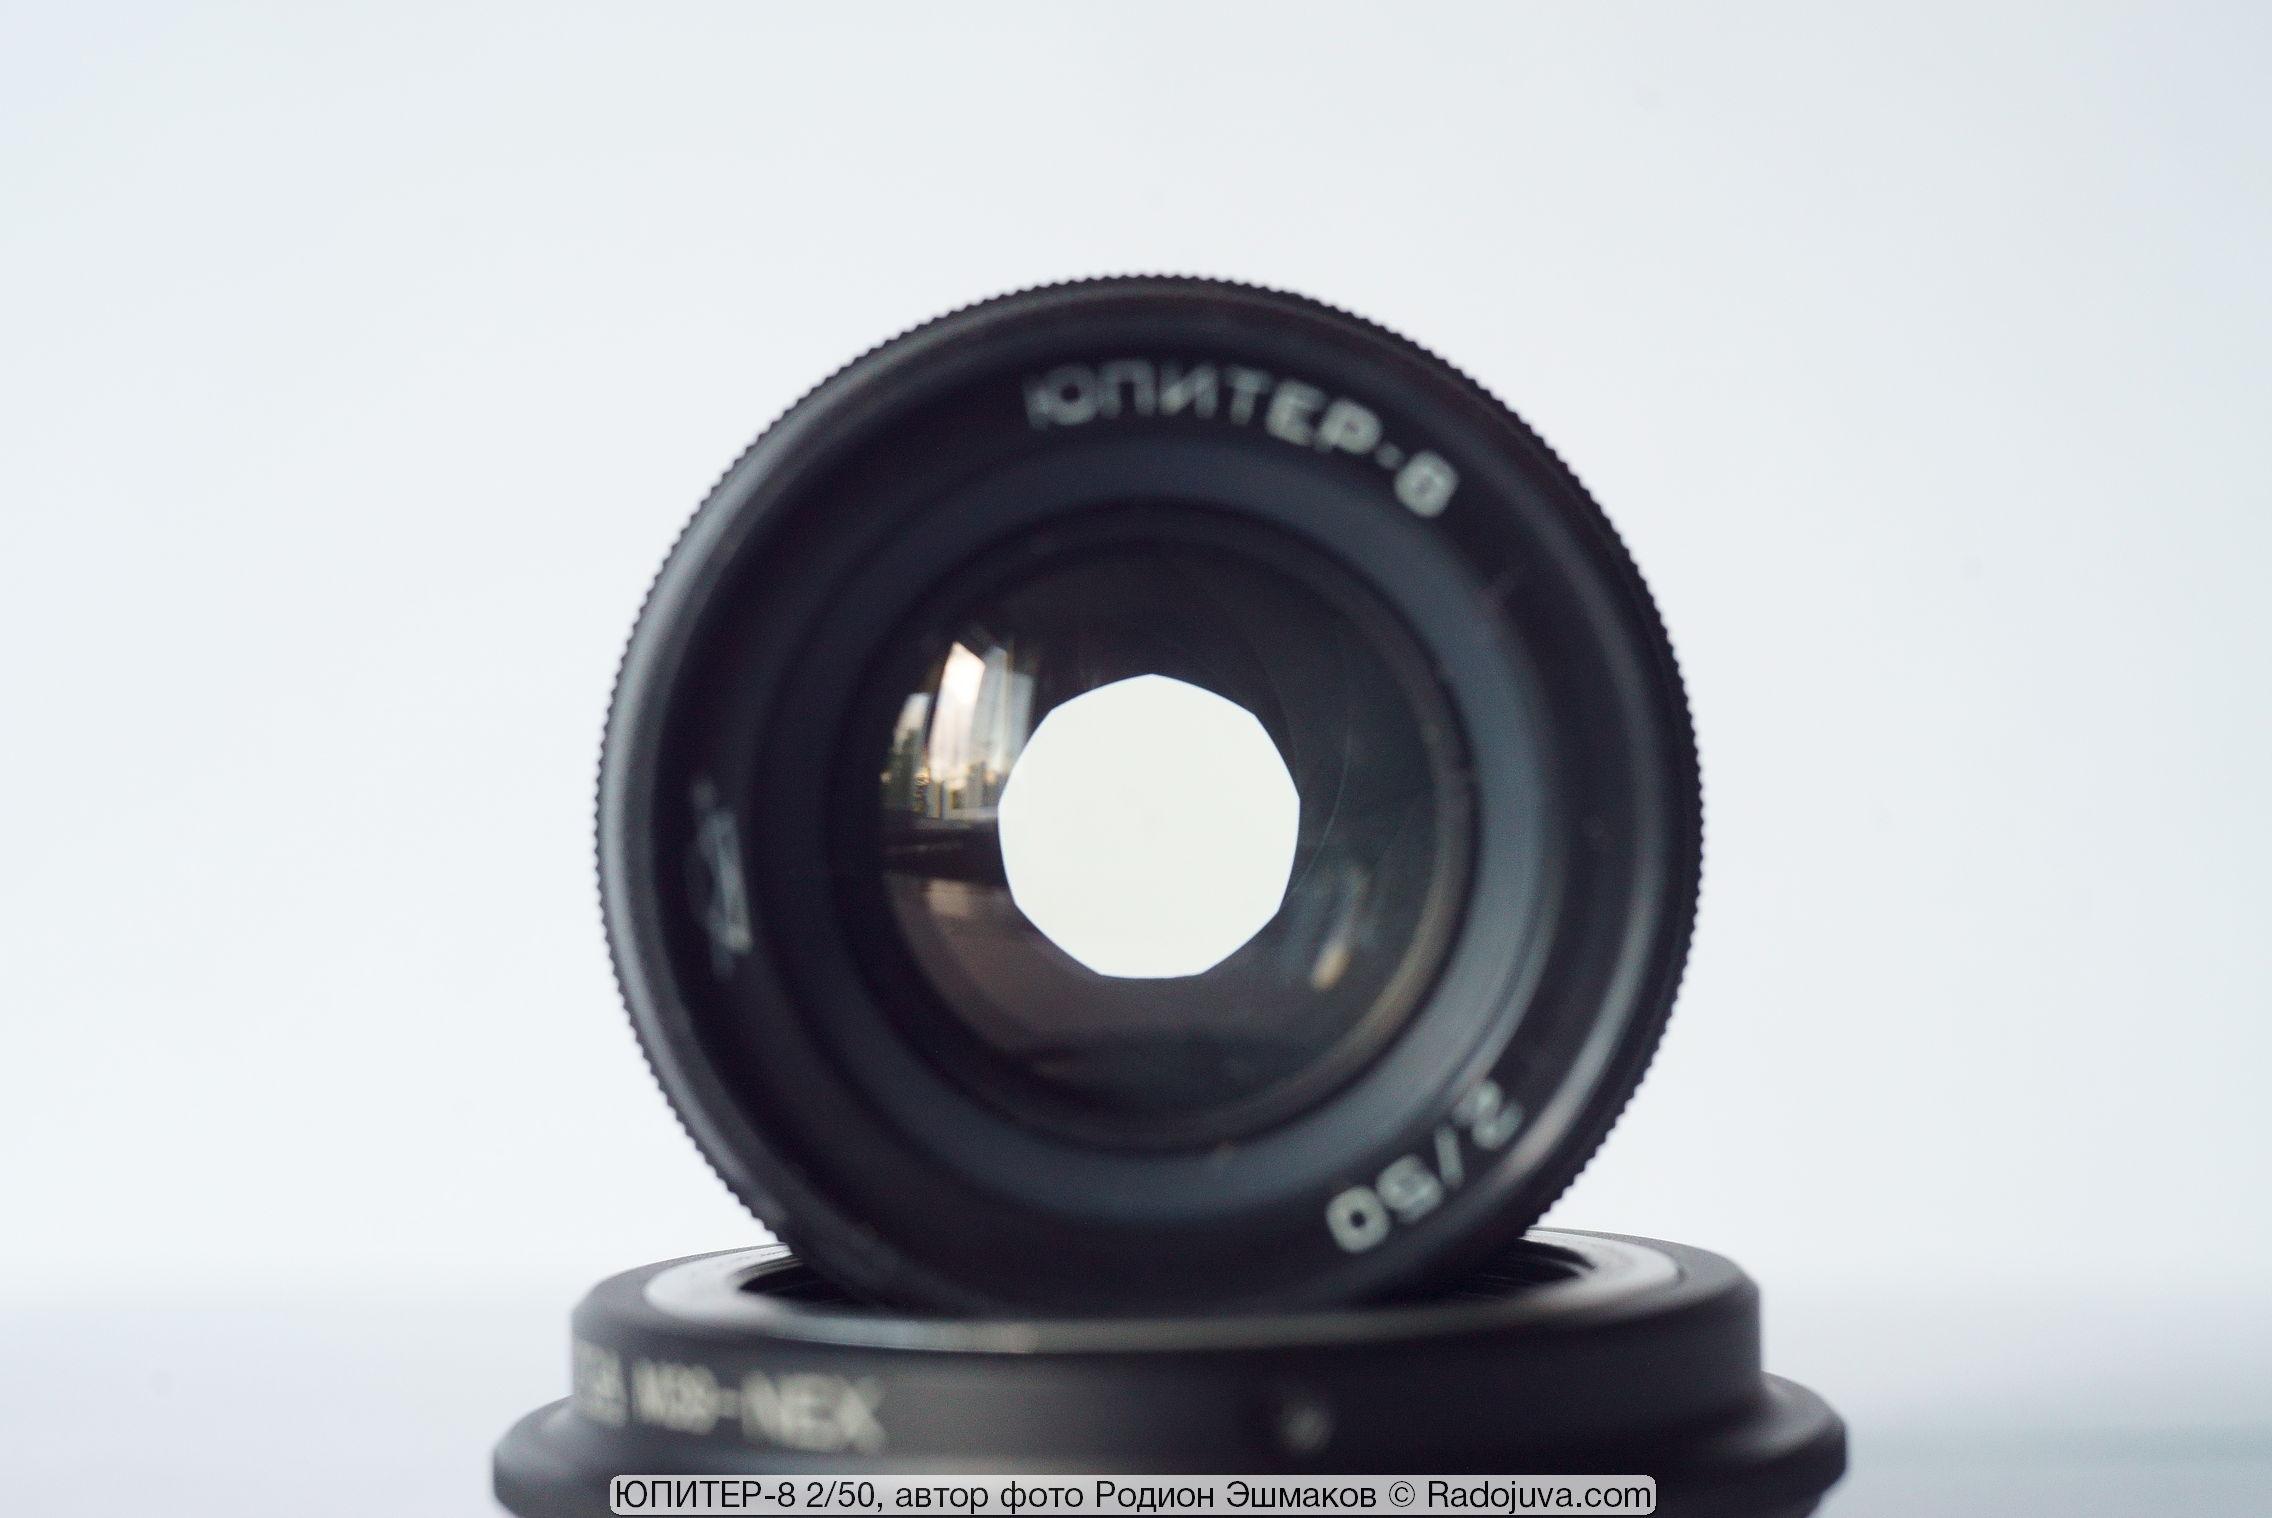 Входной зрачок объектива при прикрытой апертуре.